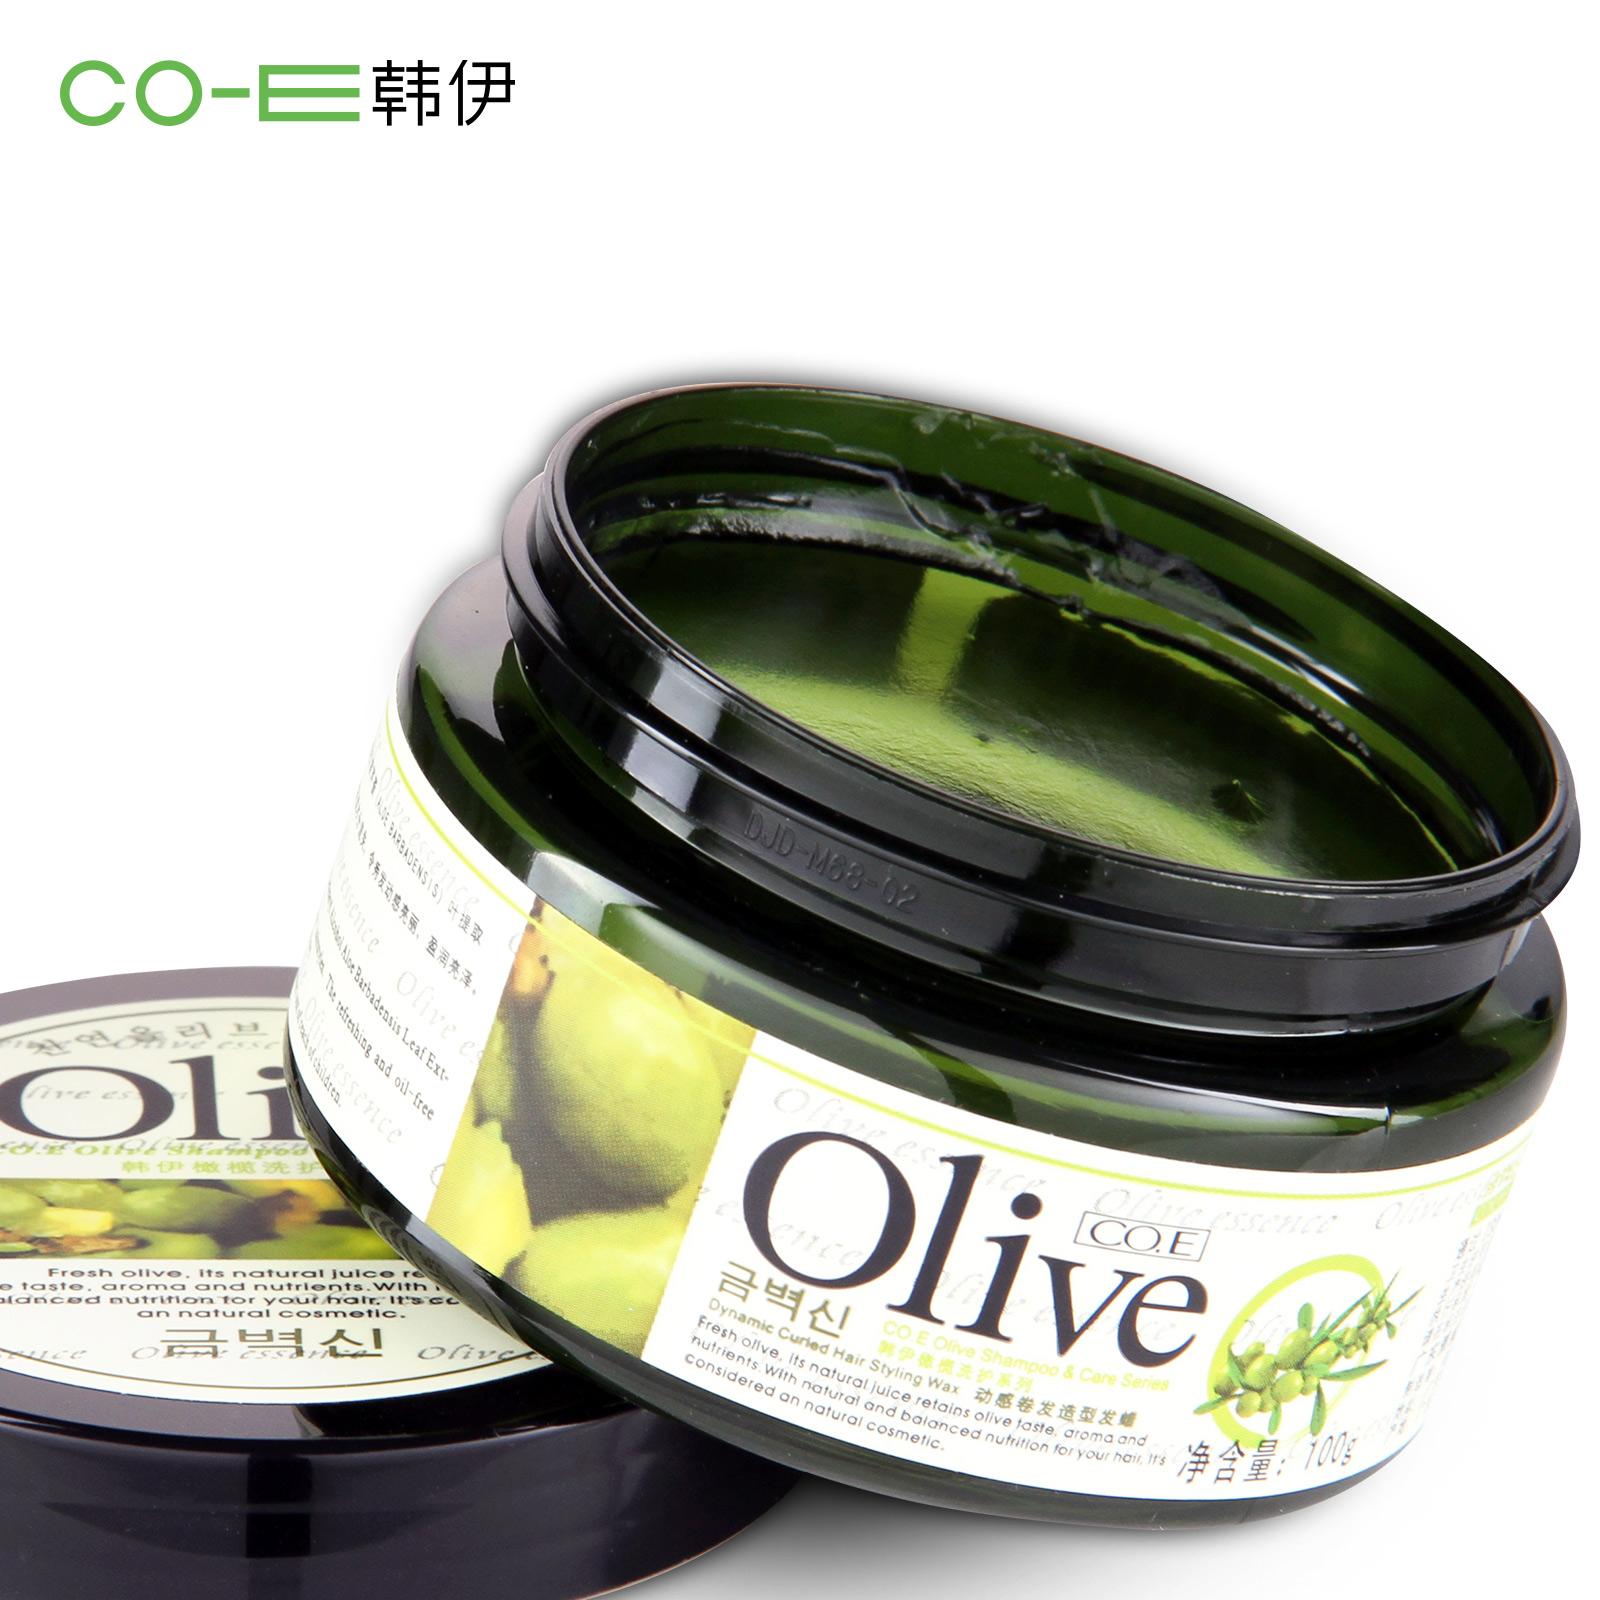 Аксессуары для укладки волос Co. e  Olive 100g аксессуары для укладки волос co e co e olive 100g